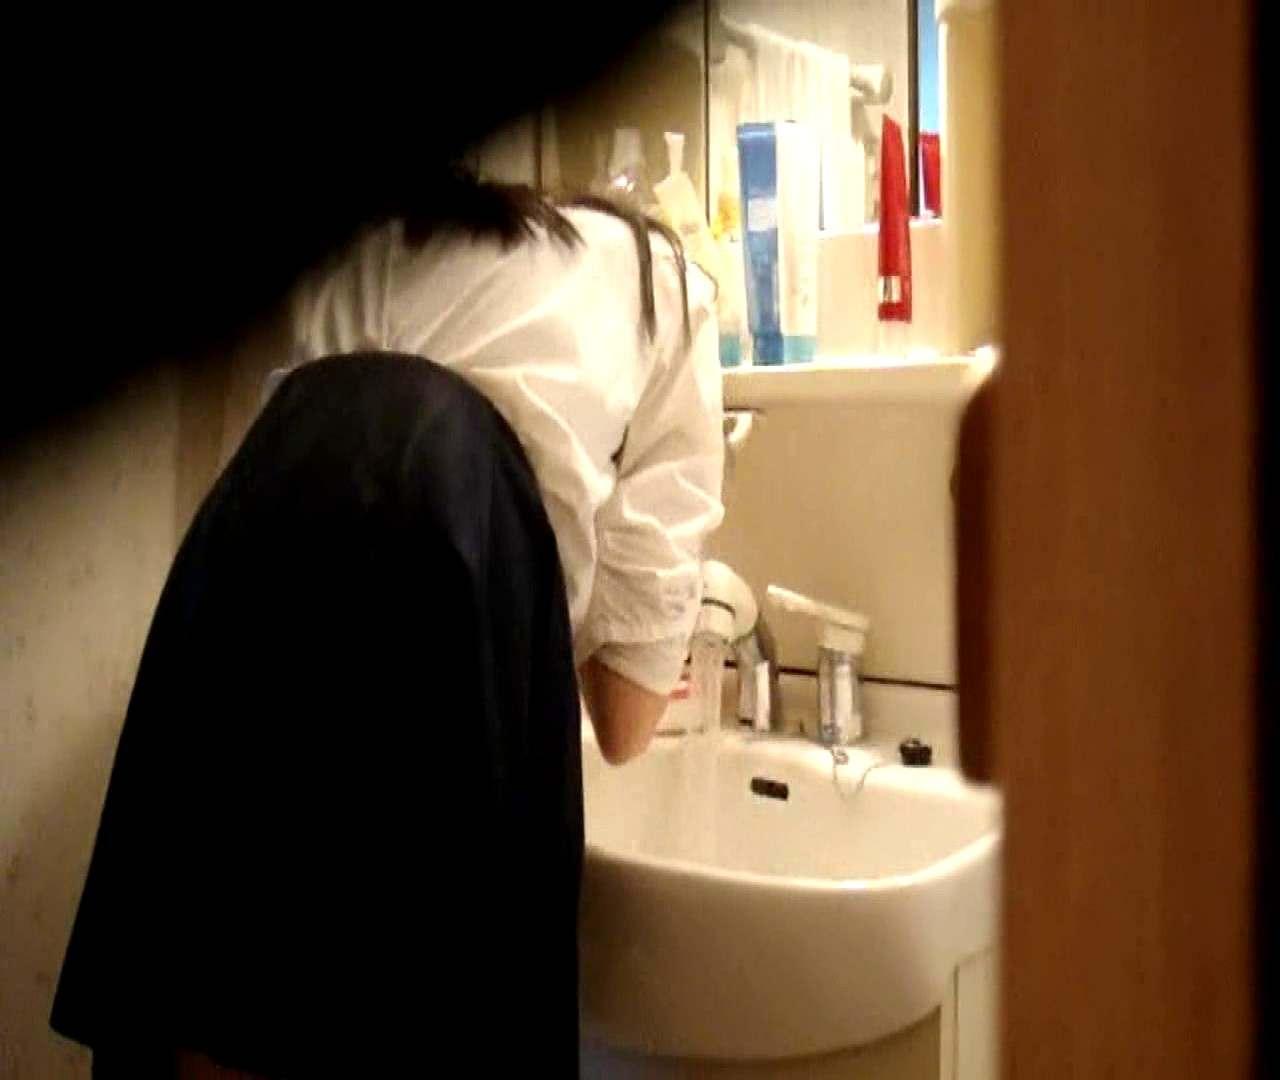 vol.5 まどかが帰宅後の洗顔後にブラを洗ってます。 いじくり  75PIX 39